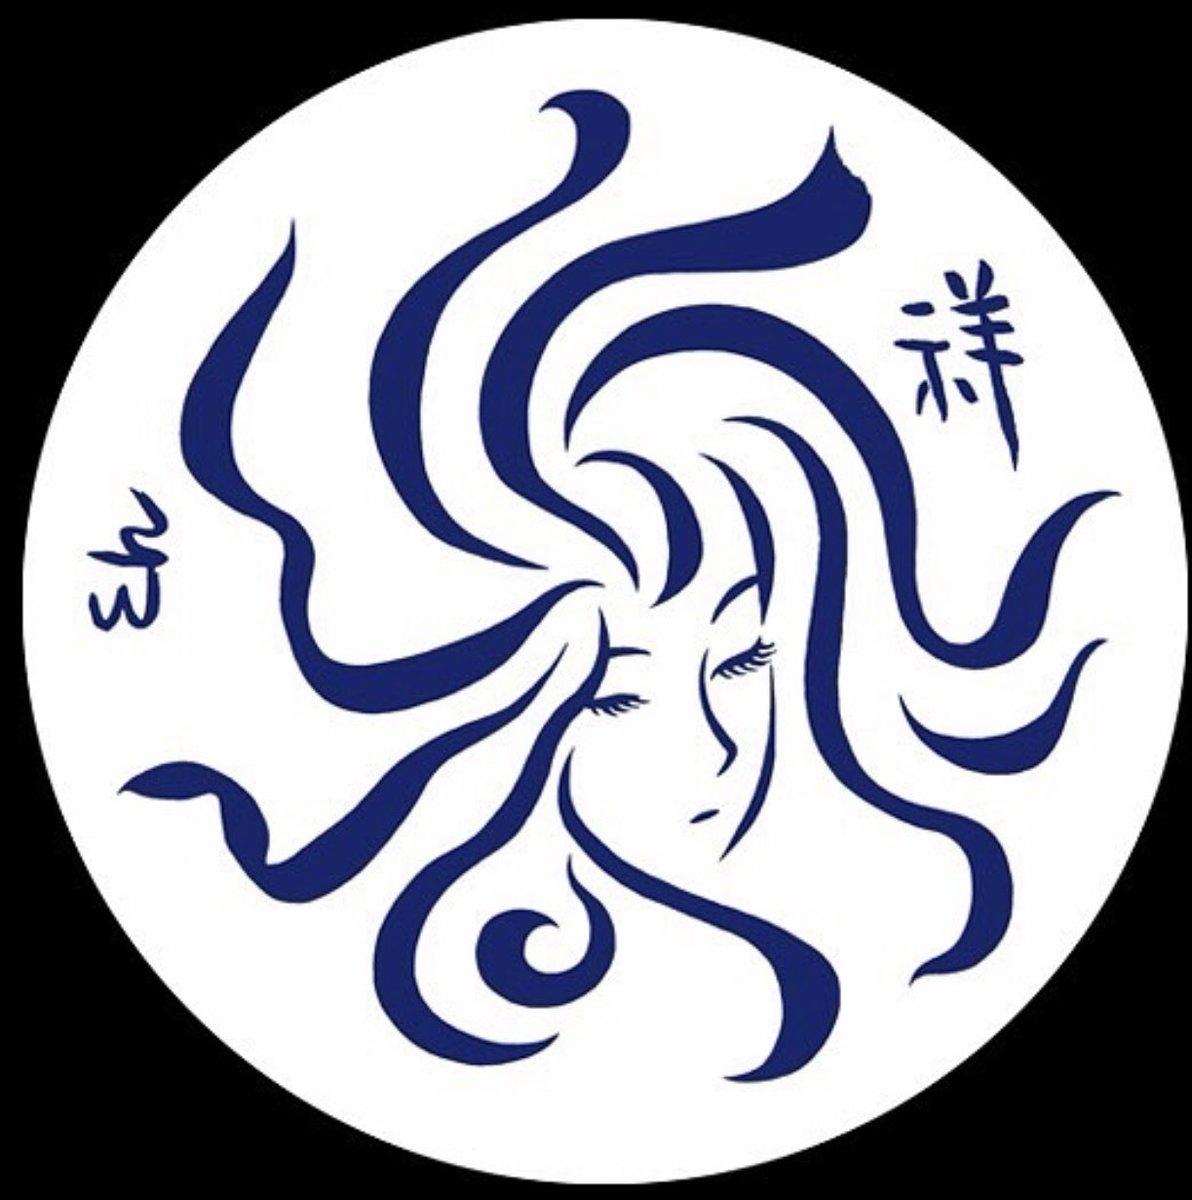 test ツイッターメディア - 玄関食堂のクラウドファンディングの支援者に配布される特典の有田焼の小皿3枚セットです。僕の他にも大友克洋さん、アニメーターの森本晃司さんを始めとしたこの店の常連さんの特典品が数々ありますよ。 詳しくはこちらをご覧ください。 https://t.co/42nav9djQs https://t.co/EHSlAtt63S